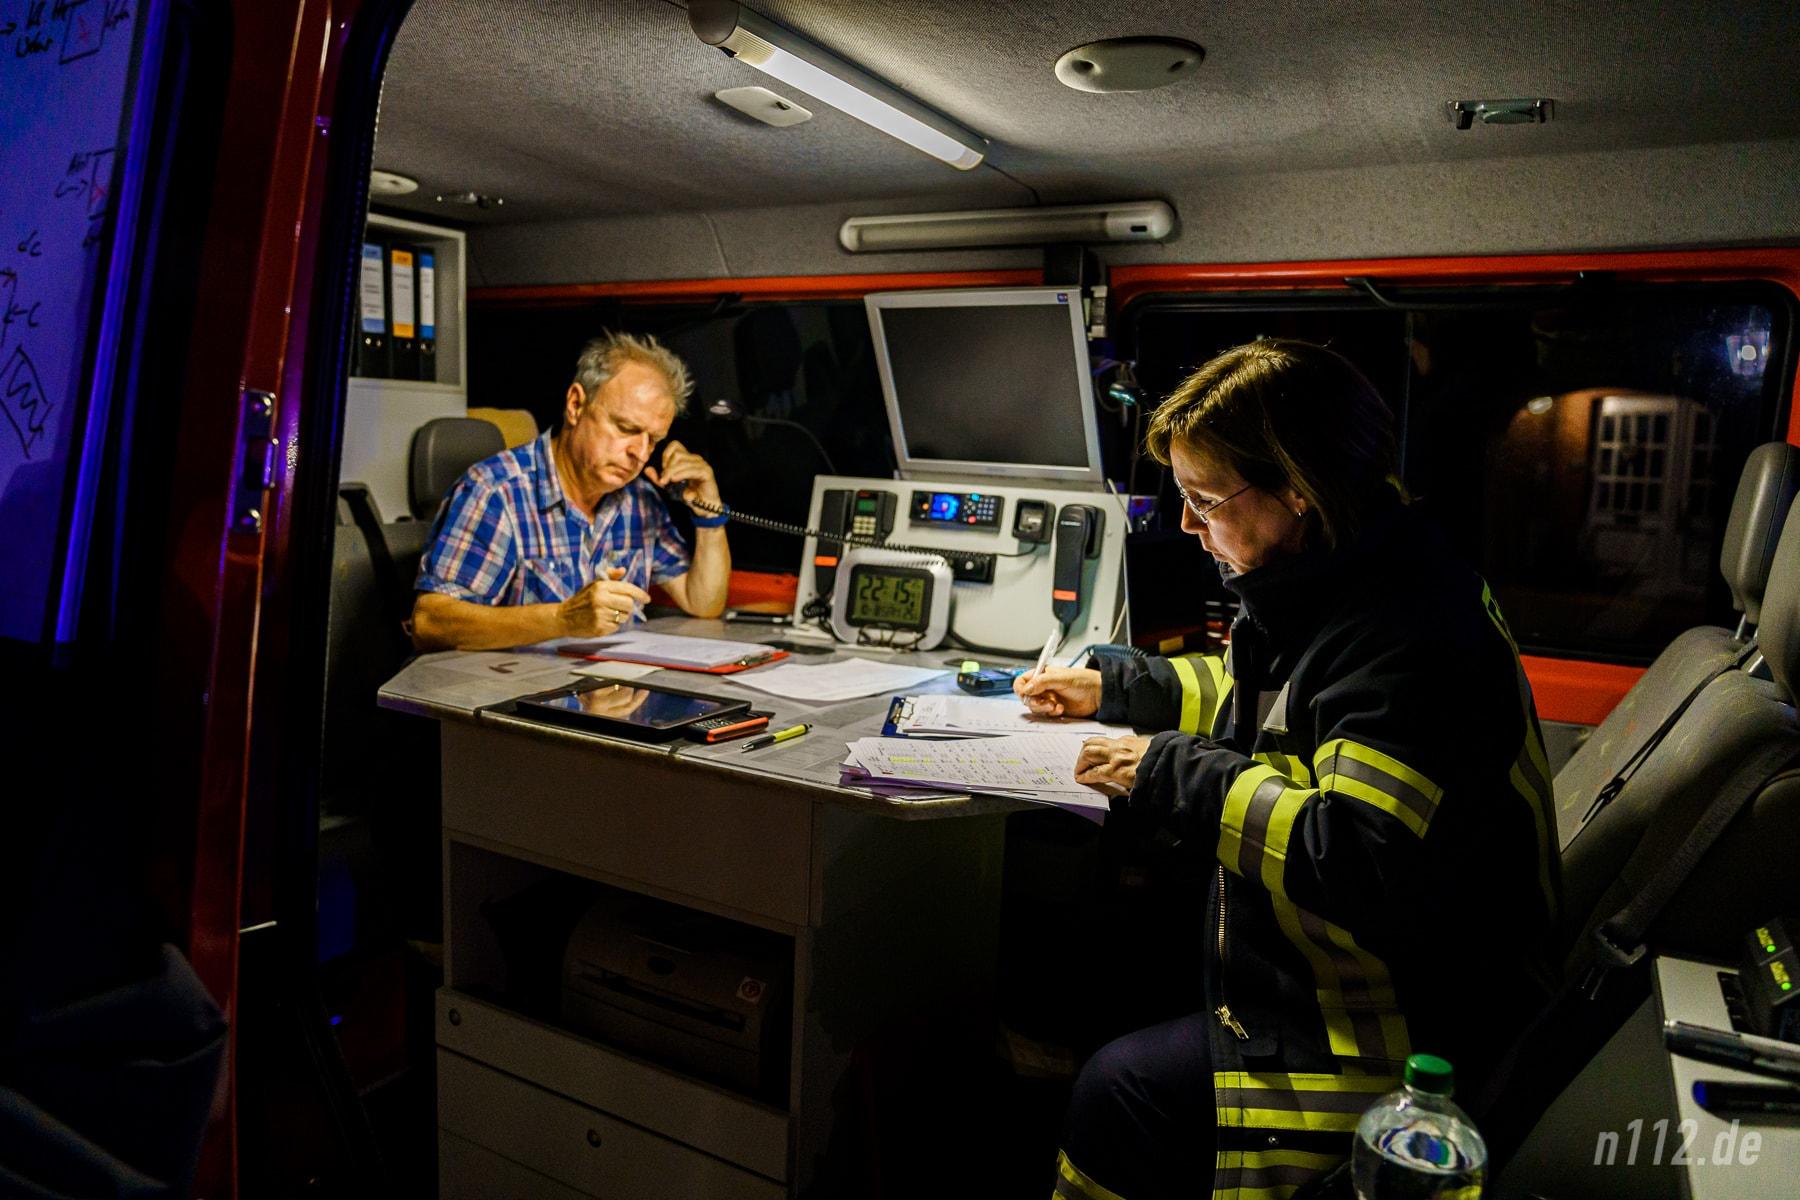 Bis spät in die Nacht dokumentierte das ehrenamtliche Team des Einsatzleitwagens (ELW) die Arbeit der über 170 Feuerwehrleute und stellte die Kommunikation zwischen Leitstelle und der Einsatzstelle sicher (Foto: n112.de/Stefan Simonsen)